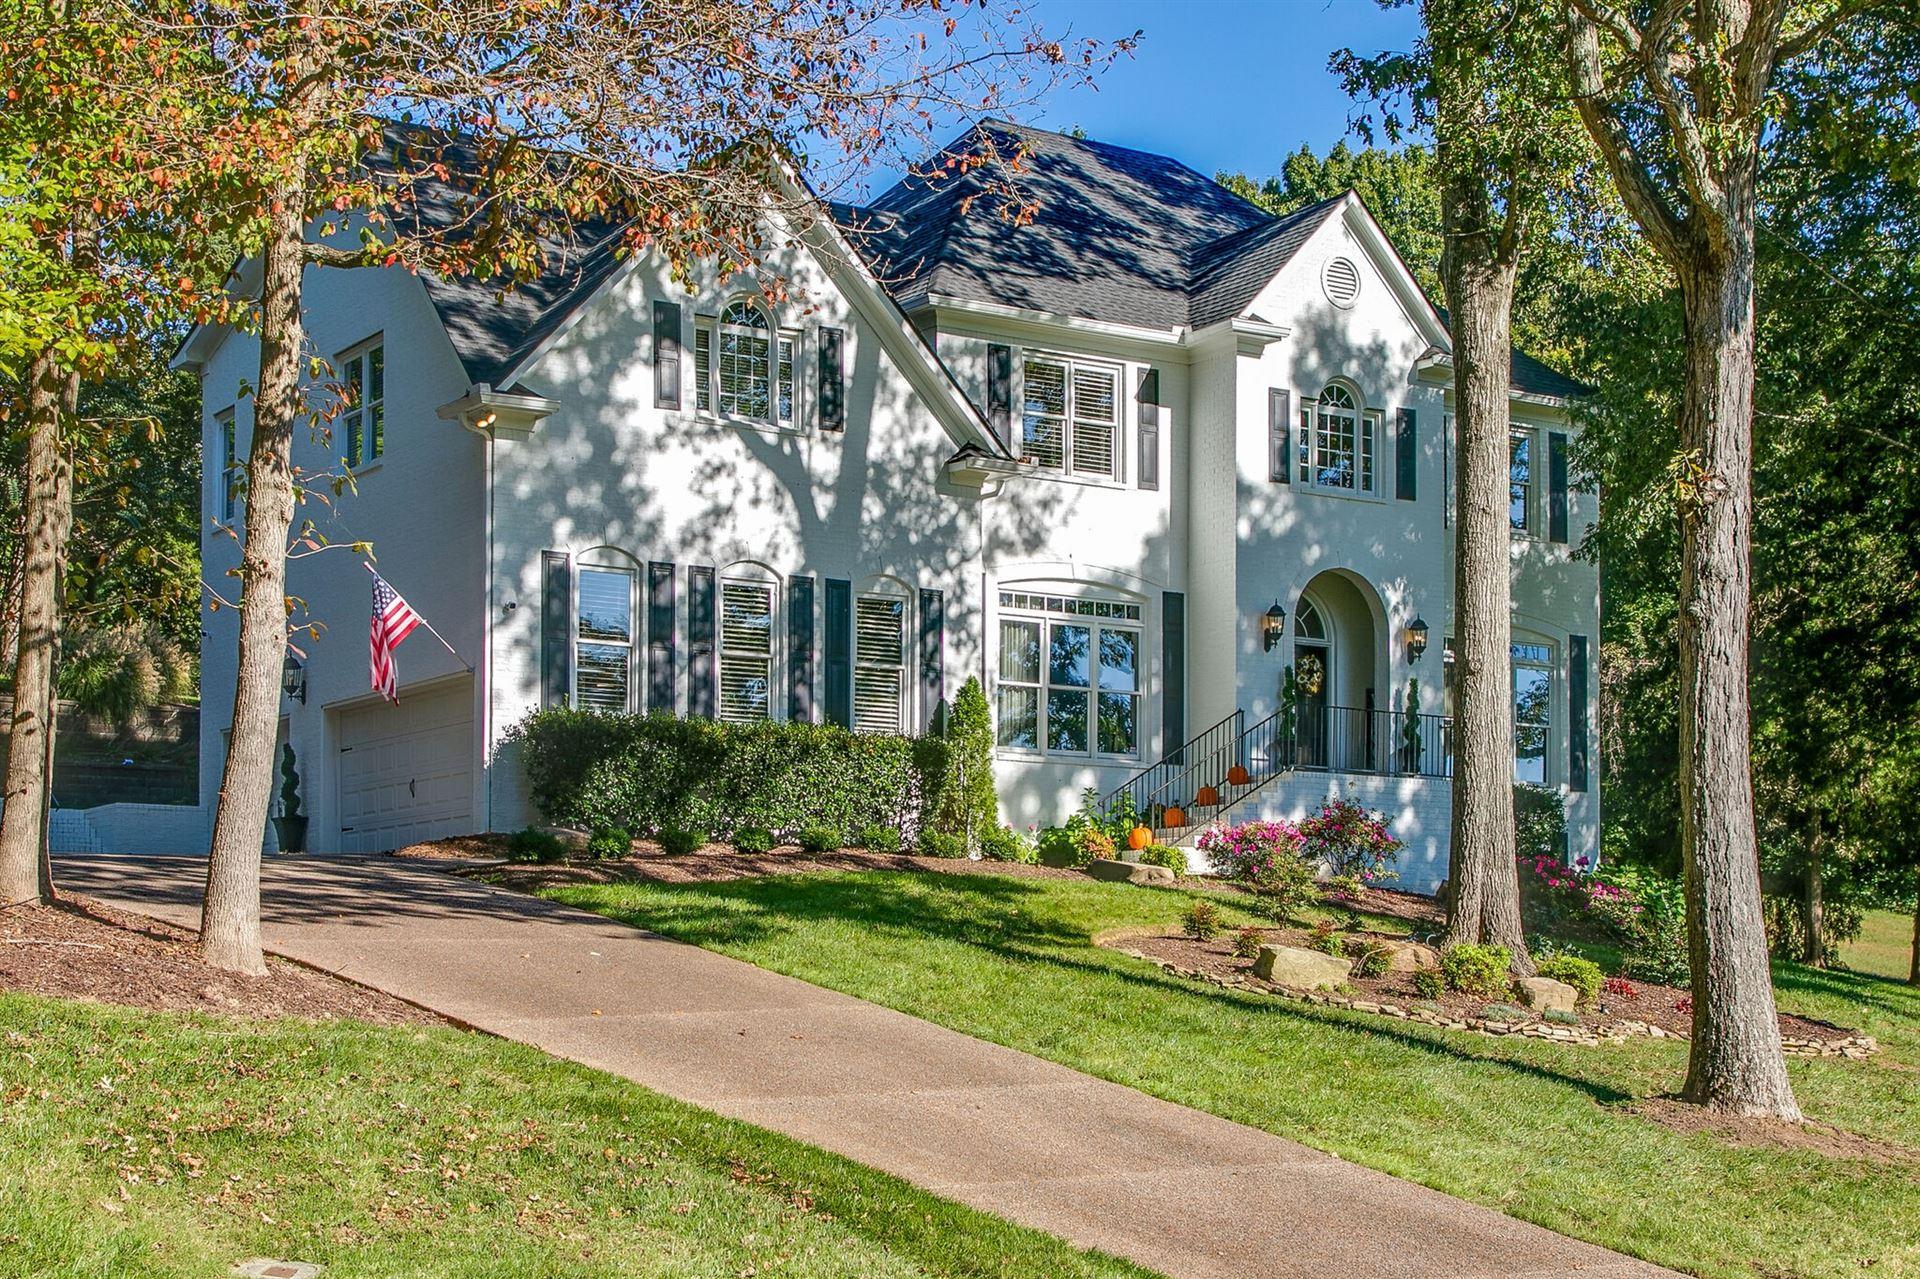 9650 Brunswick Dr, Brentwood, TN 37027 - MLS#: 2301959